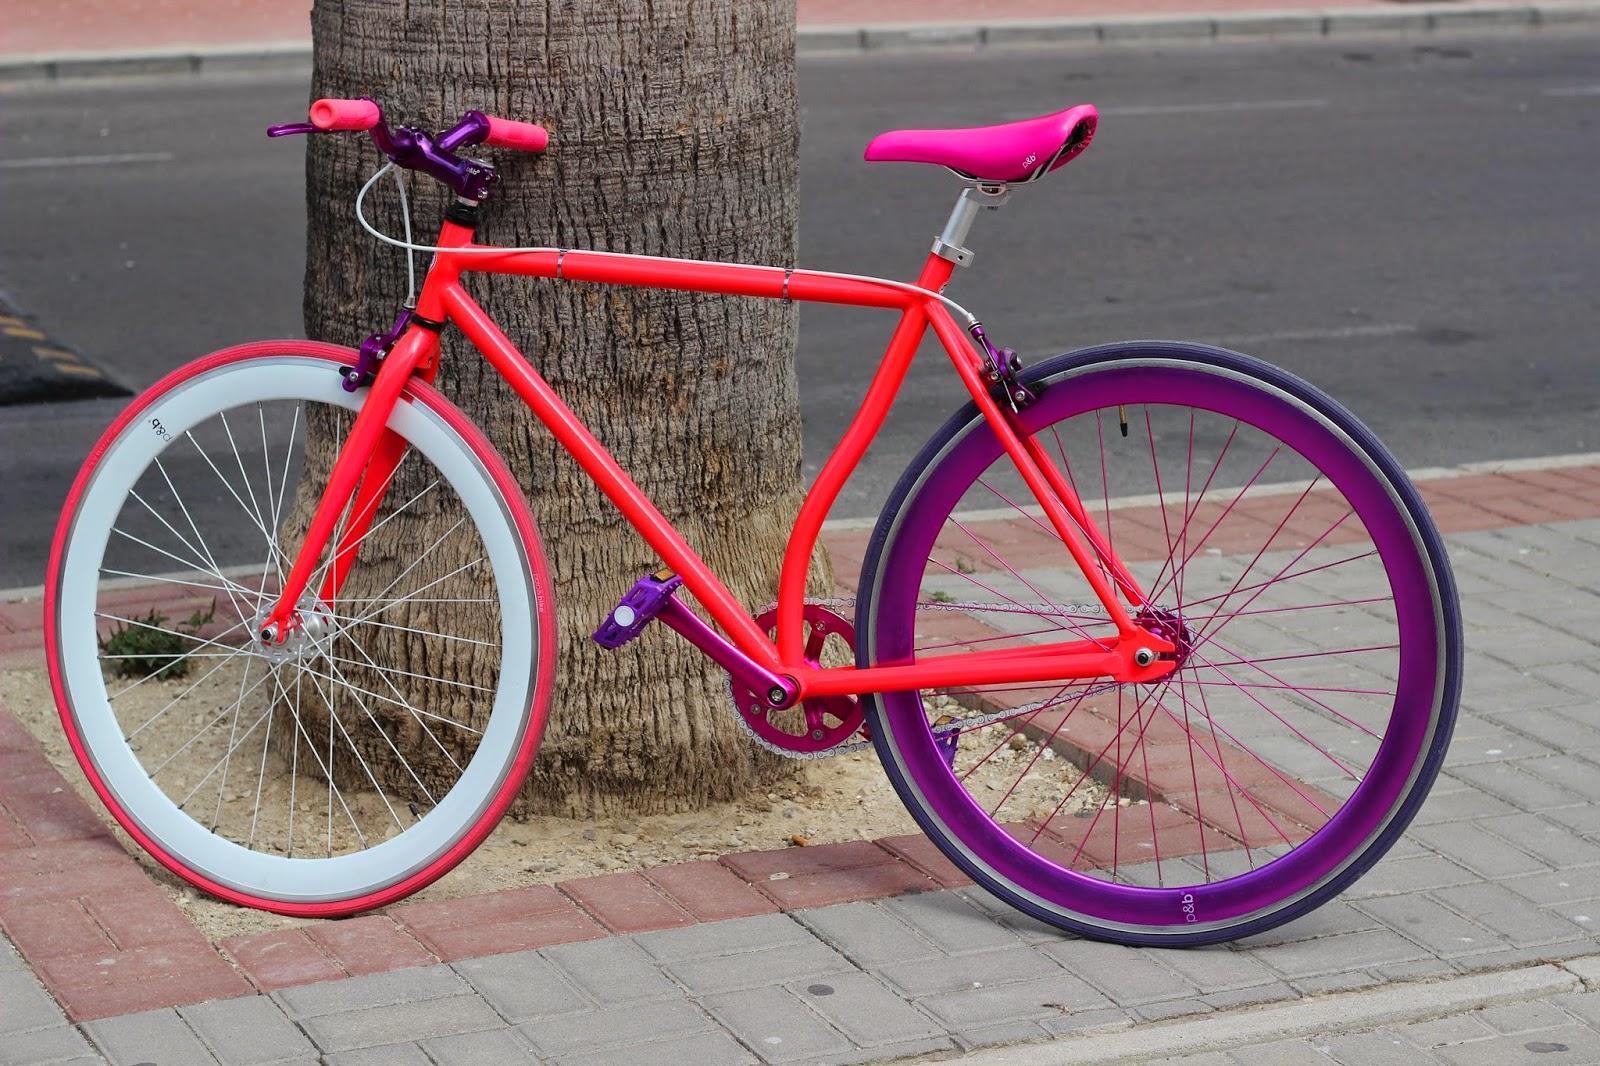 Fixie - Bikes - Fixiegirls